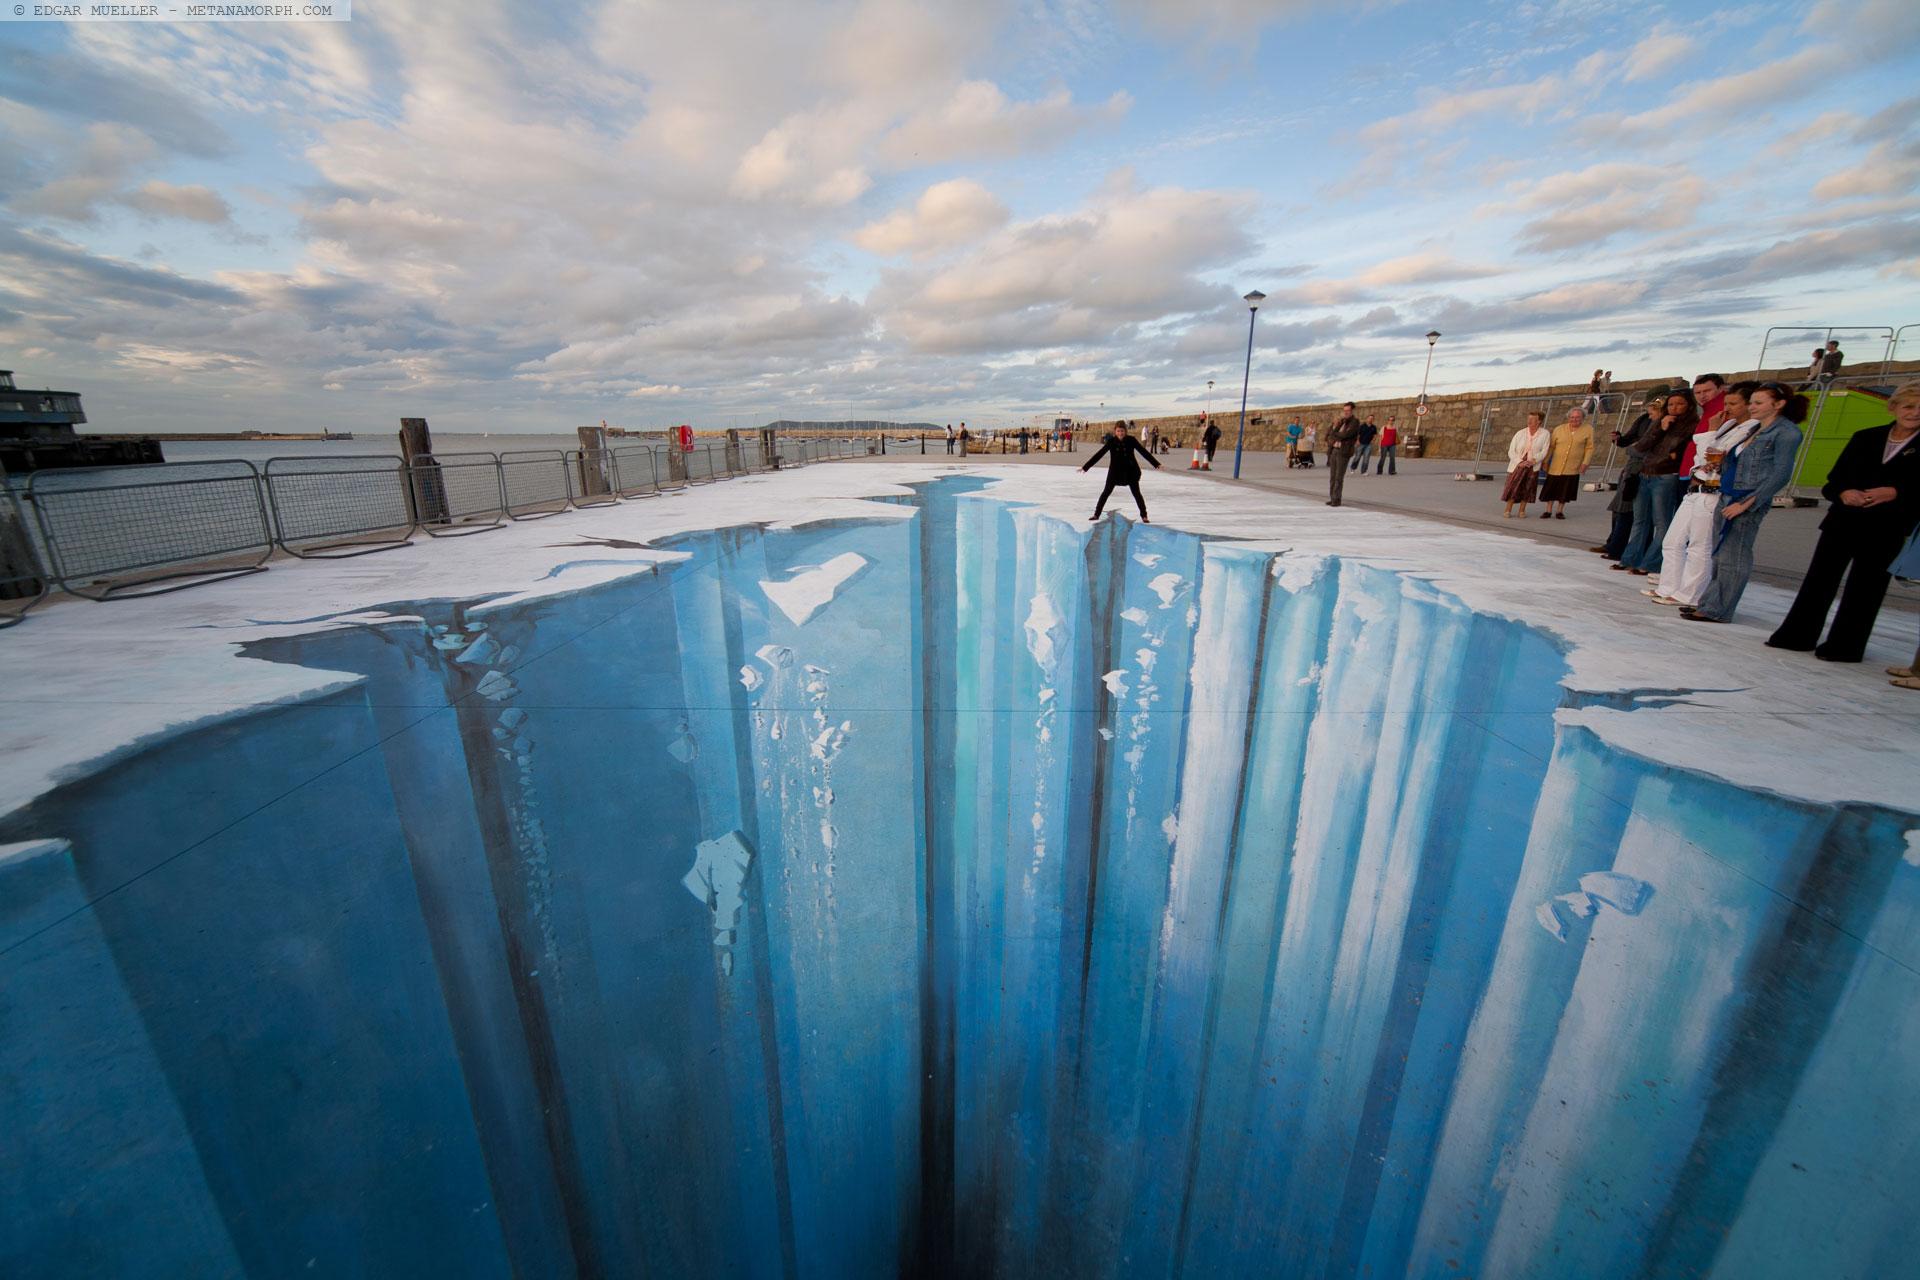 Edgar Müller – 3D sidewalk art